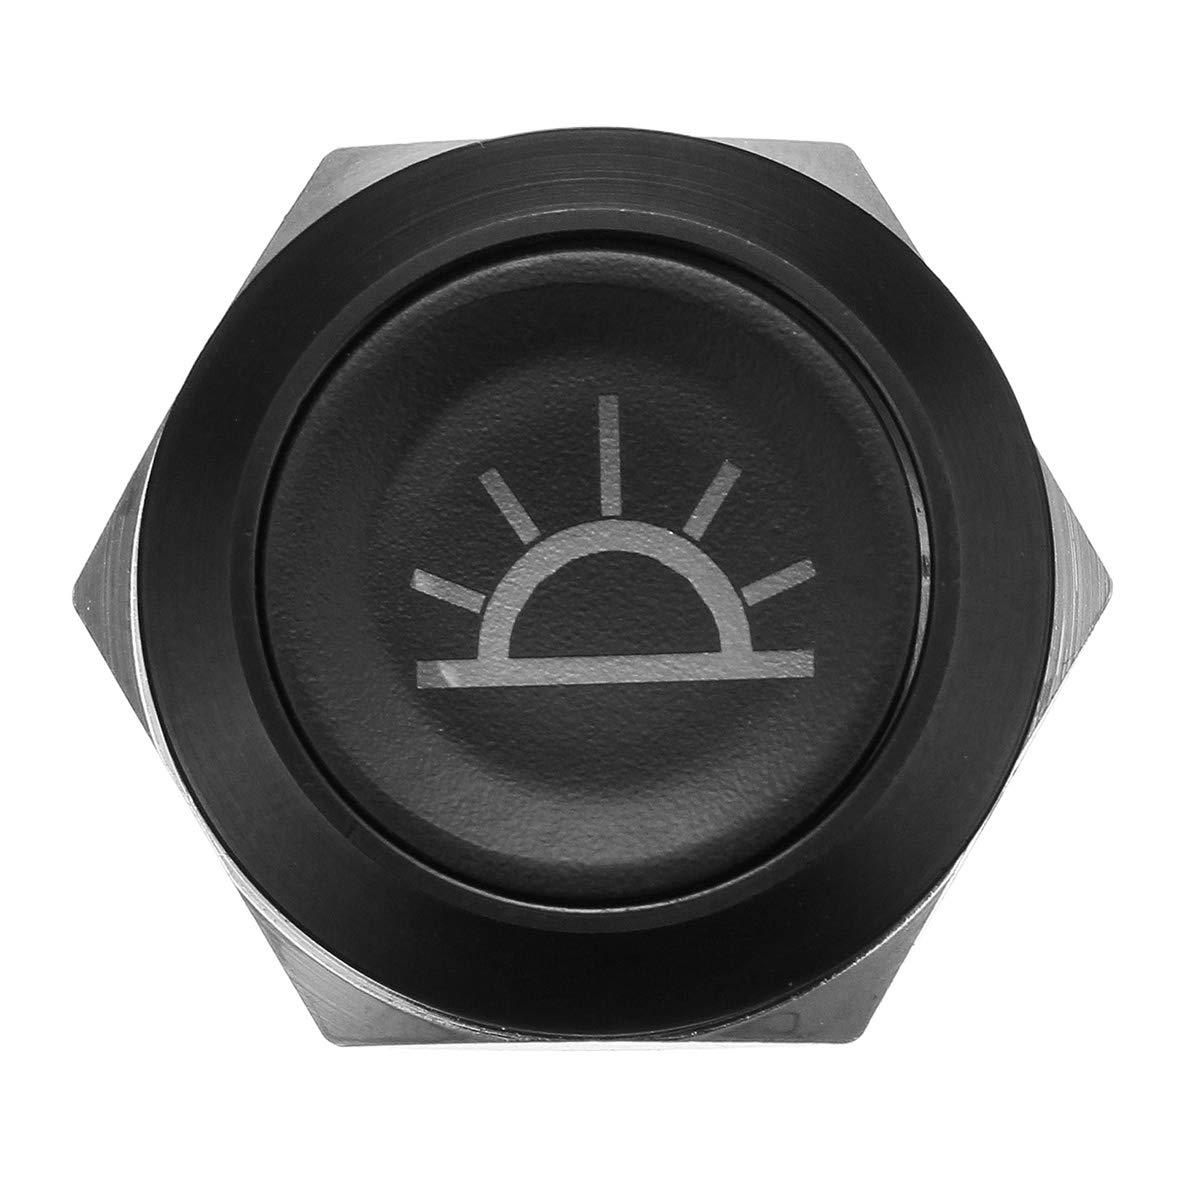 Blanc ChaRLes 19mm Bouton-Poussoir Commutateur 12V LED Self Lock Interrupteur Ip65 /Étanche En M/étal Interrupteur Marche-Arr/êt